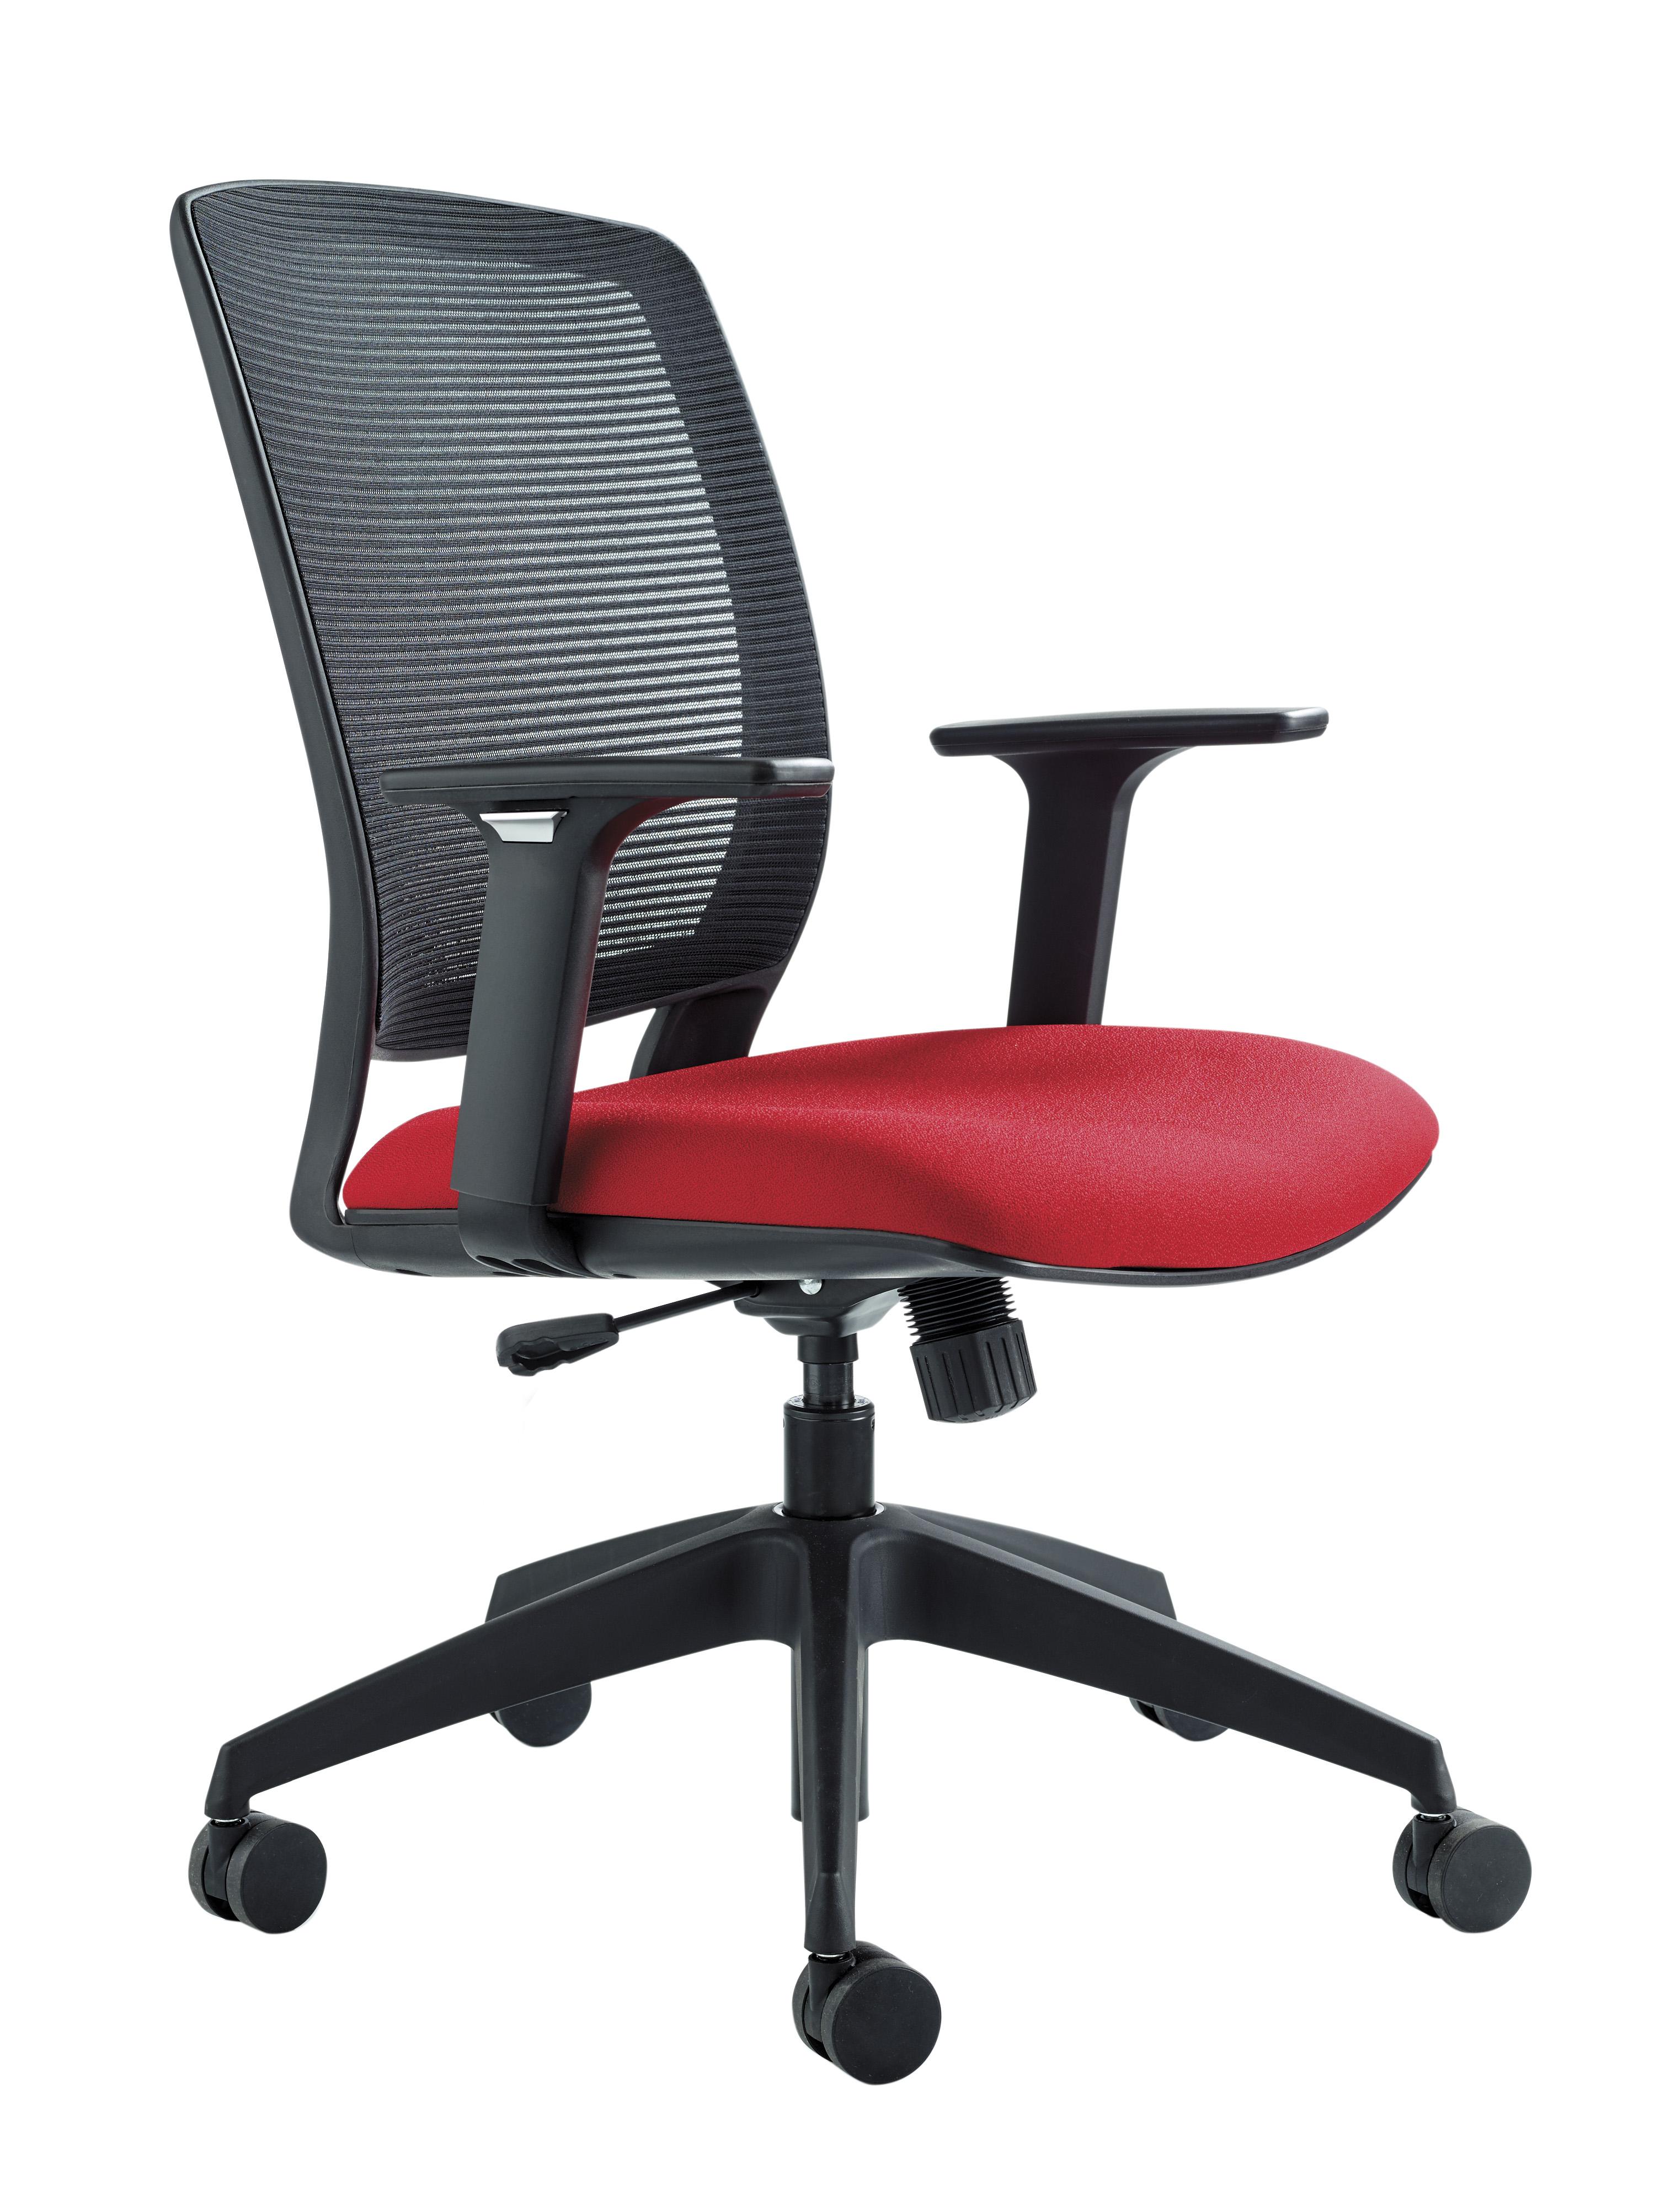 Zonda Mesh High Back Black Chair